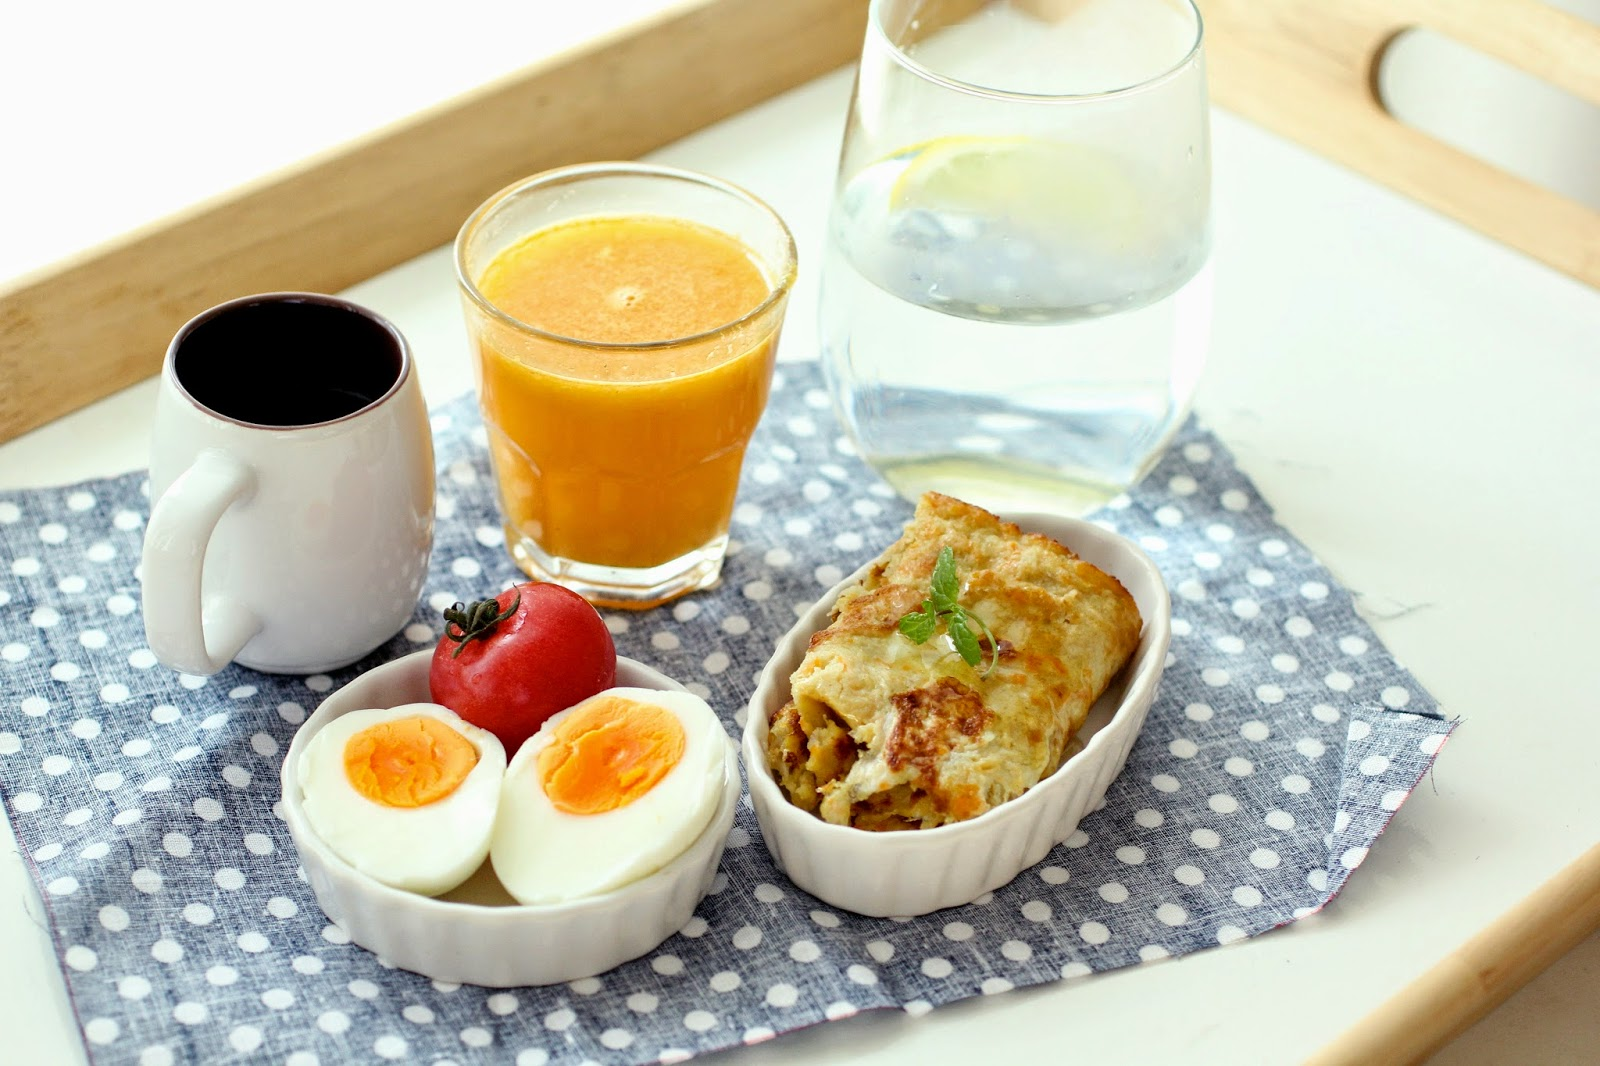 Pokochać zdrowe odżywianie. Czy to możliwe?